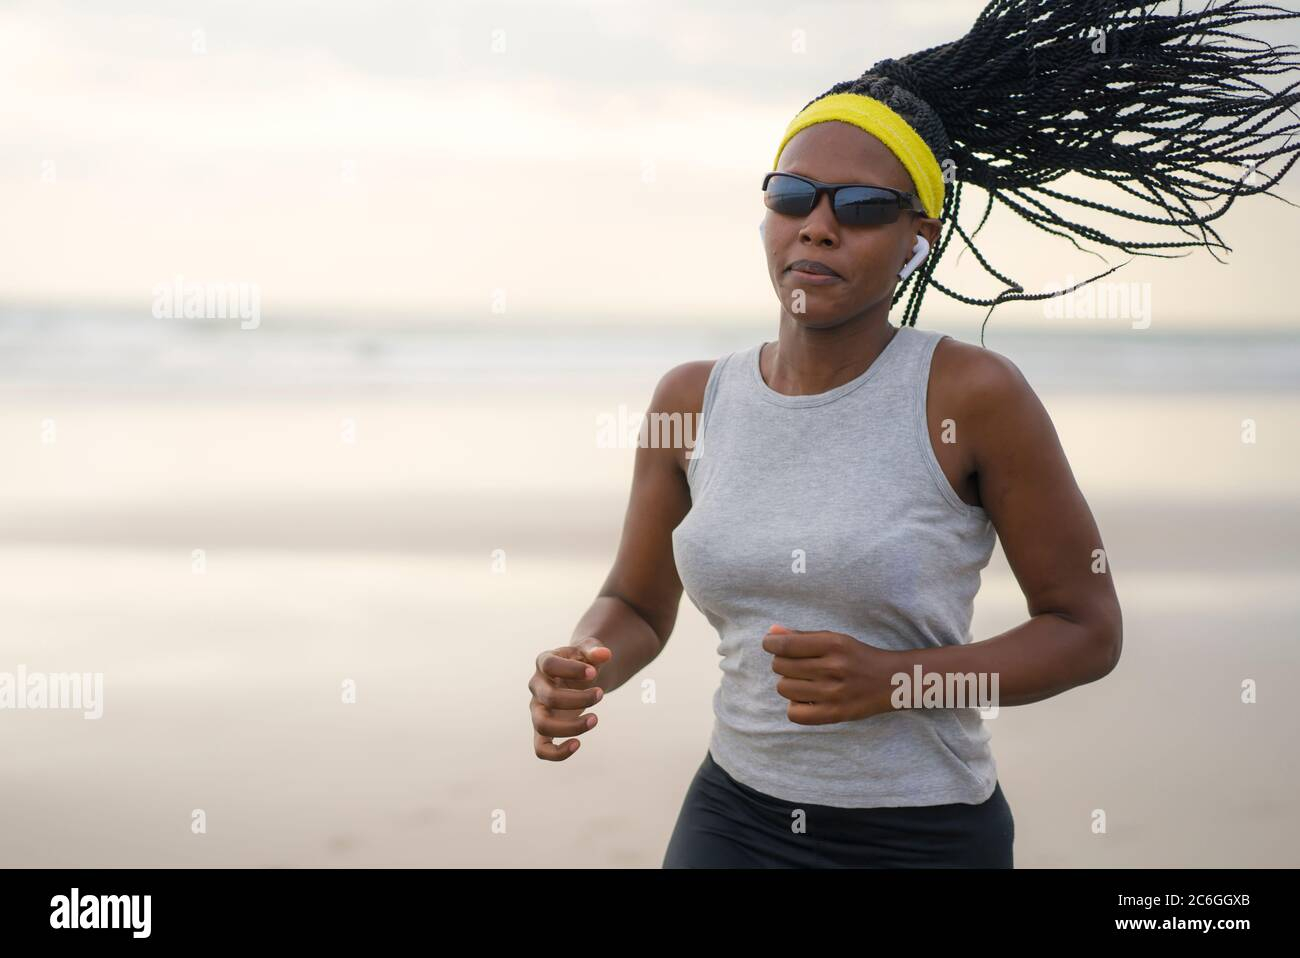 Mujer afroamericana corriendo en la playa - joven atractiva y deportiva chica negra entrenando al aire libre haciendo ejercicio de jogging en el mar en forma física Foto de stock